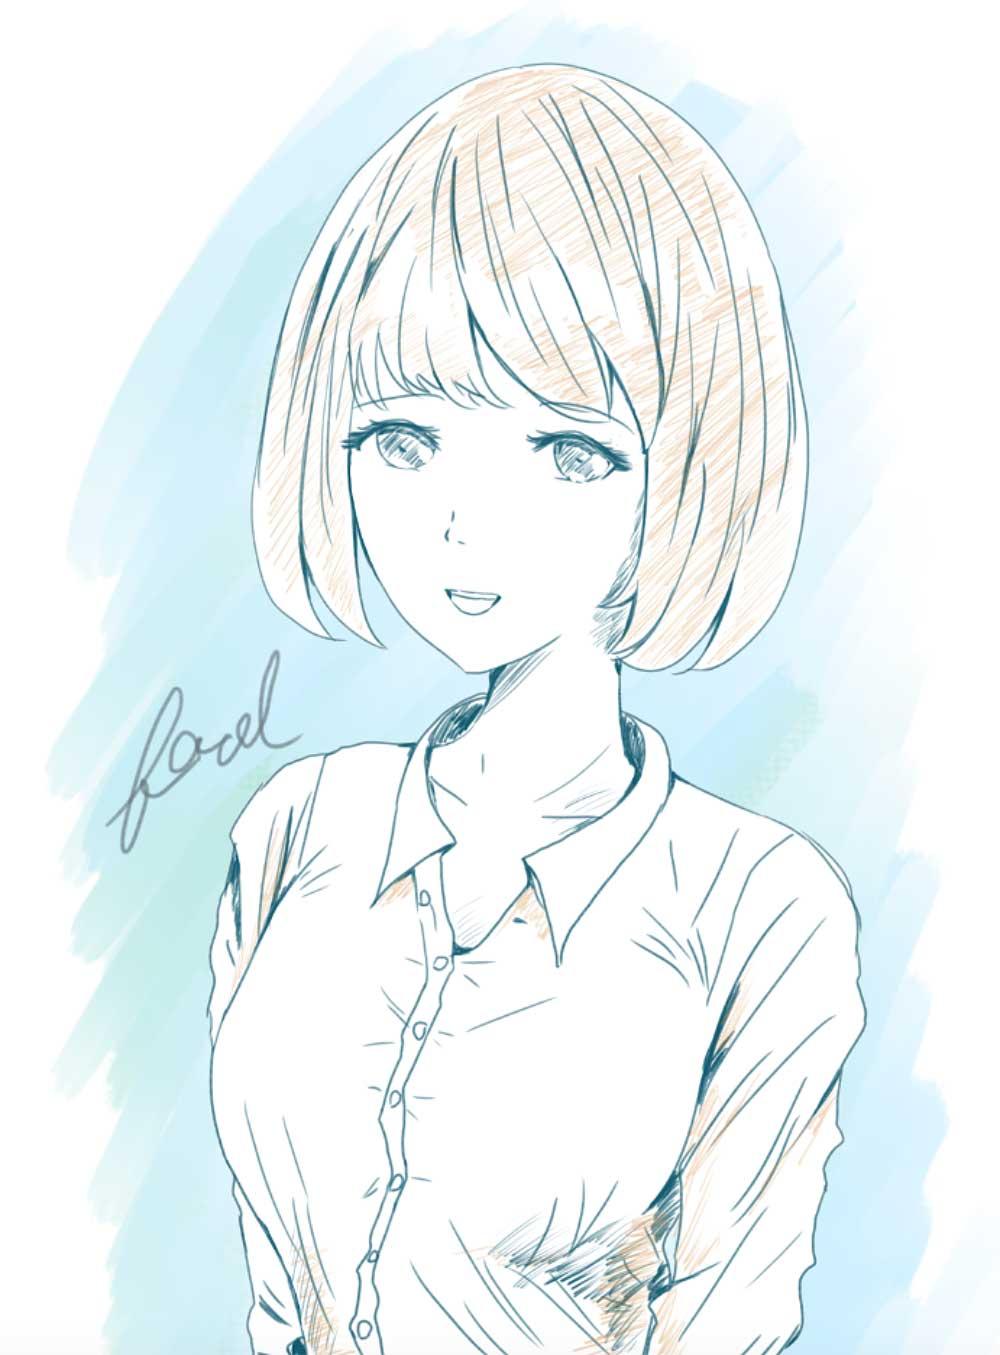 ワイシャツ女の子 - foolのイラスト